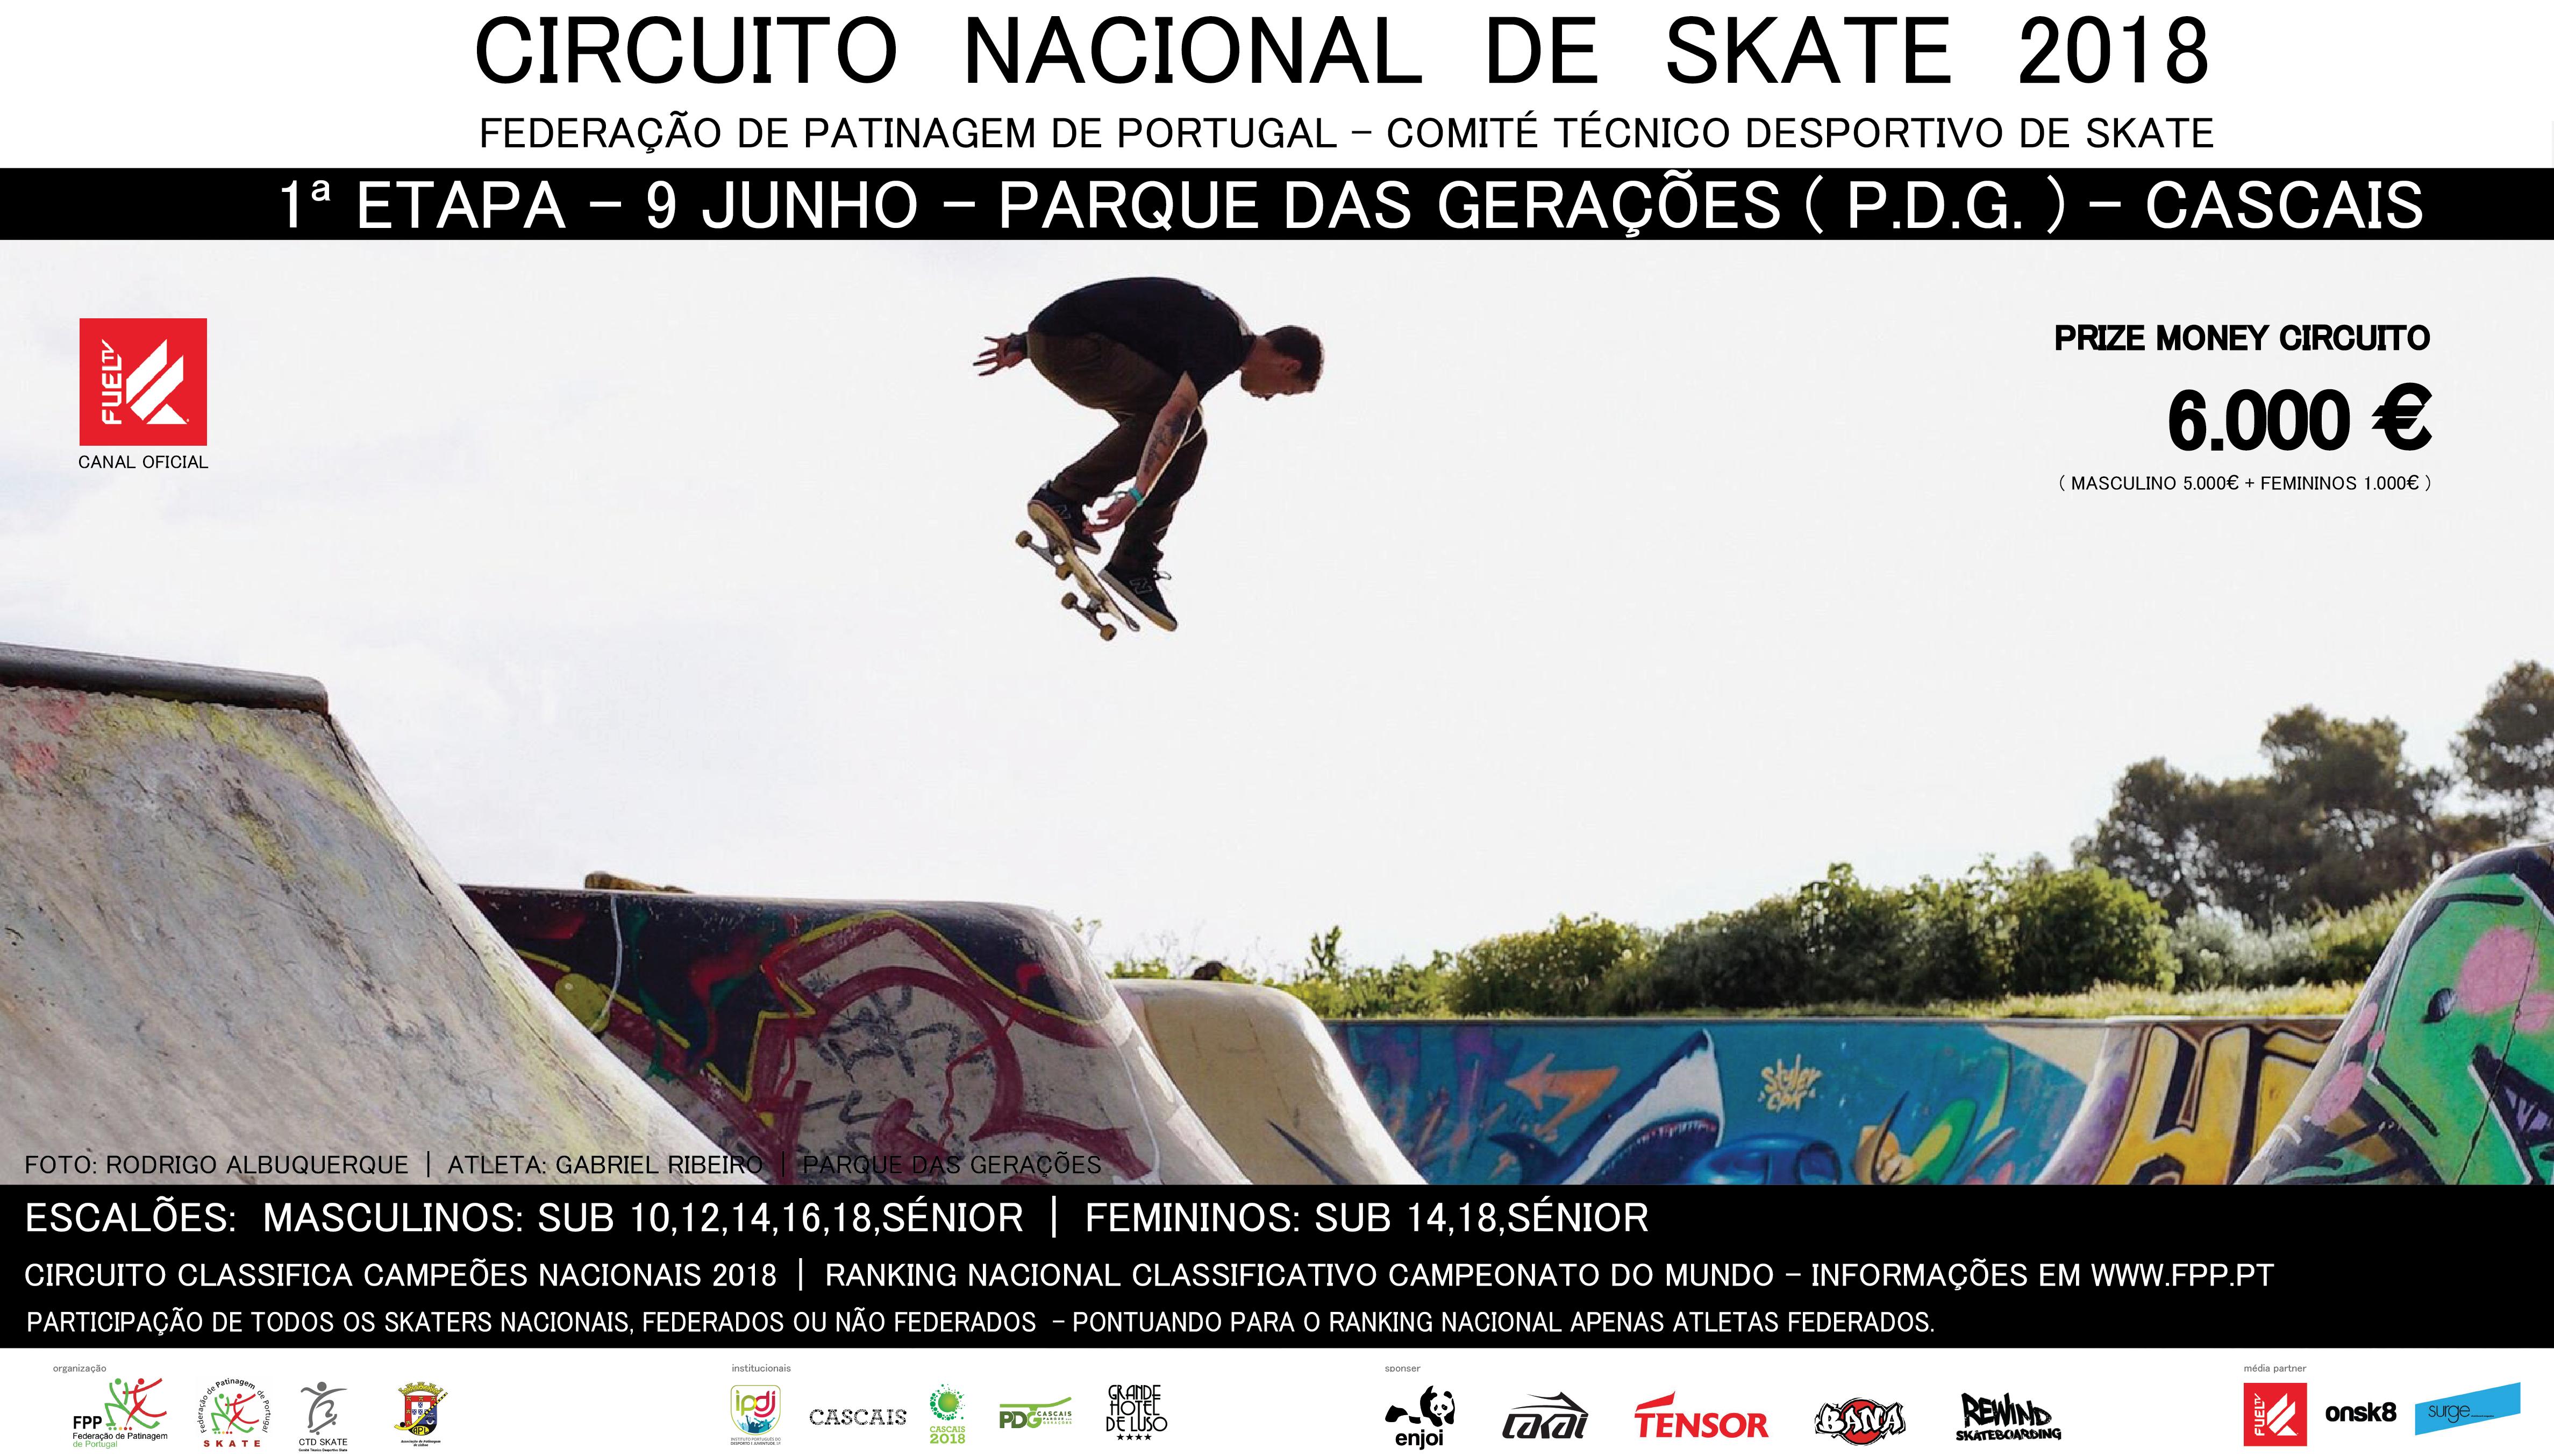 166571ª Etapa Circuito Nacional Skate – FPP||9 de Junho Parque das Gerações